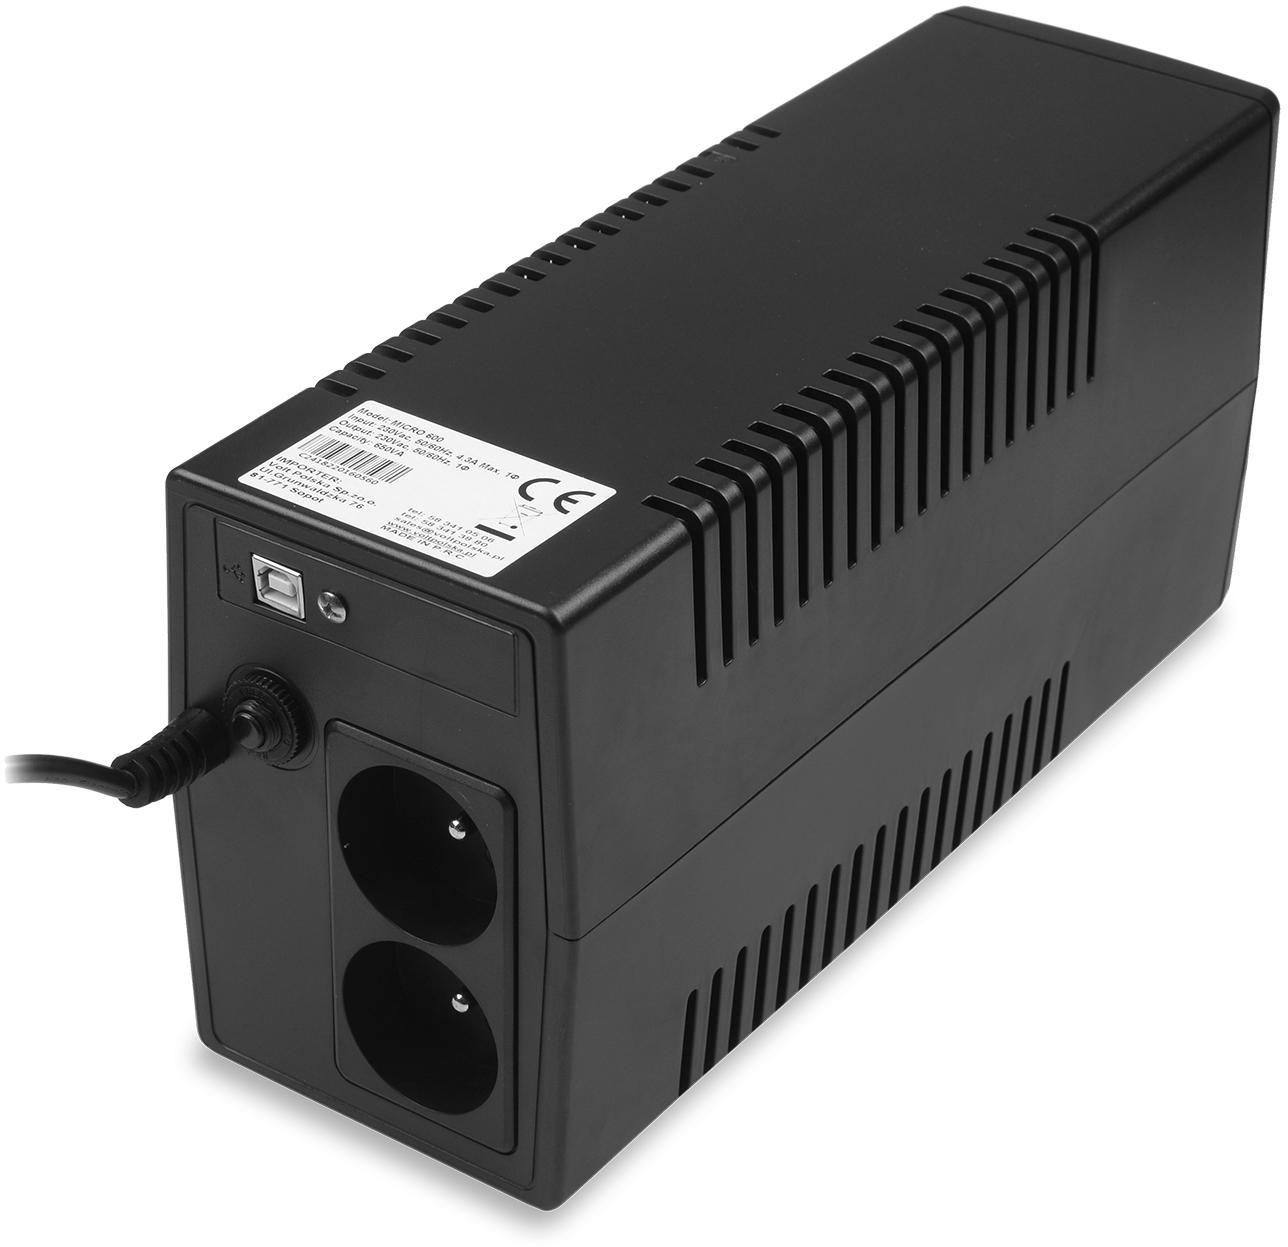 Jakie urządzenia zasila Micro UPS 600 7Ah (360/600W)?